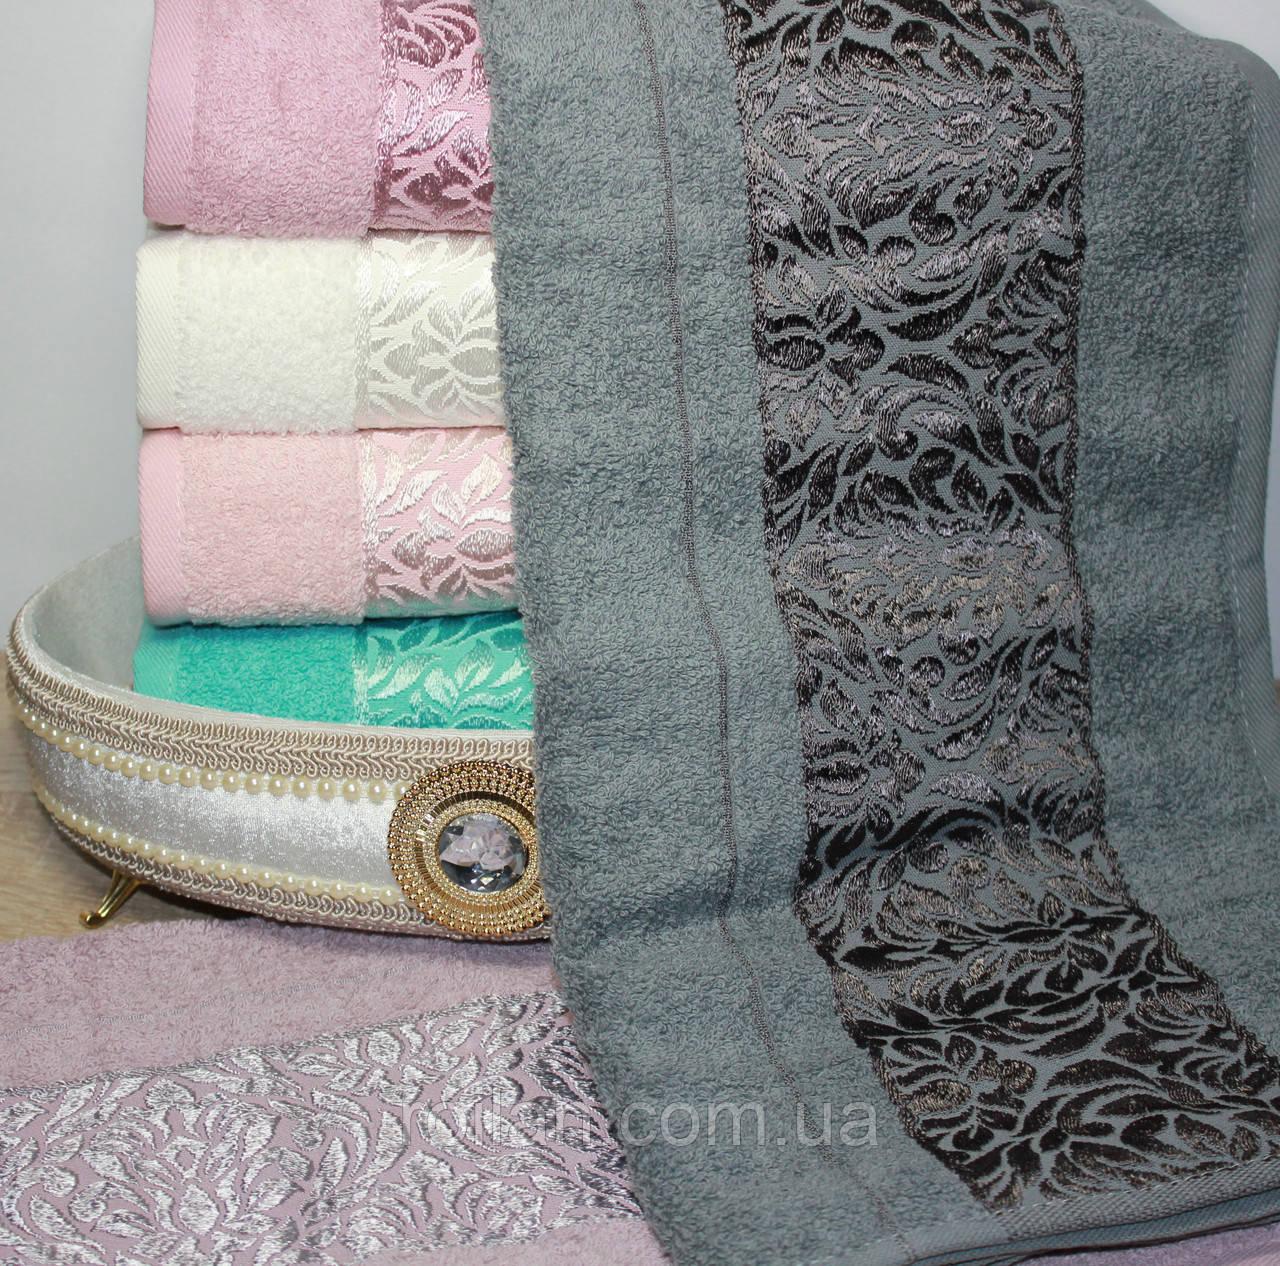 Банные турецкие полотенца Luisa